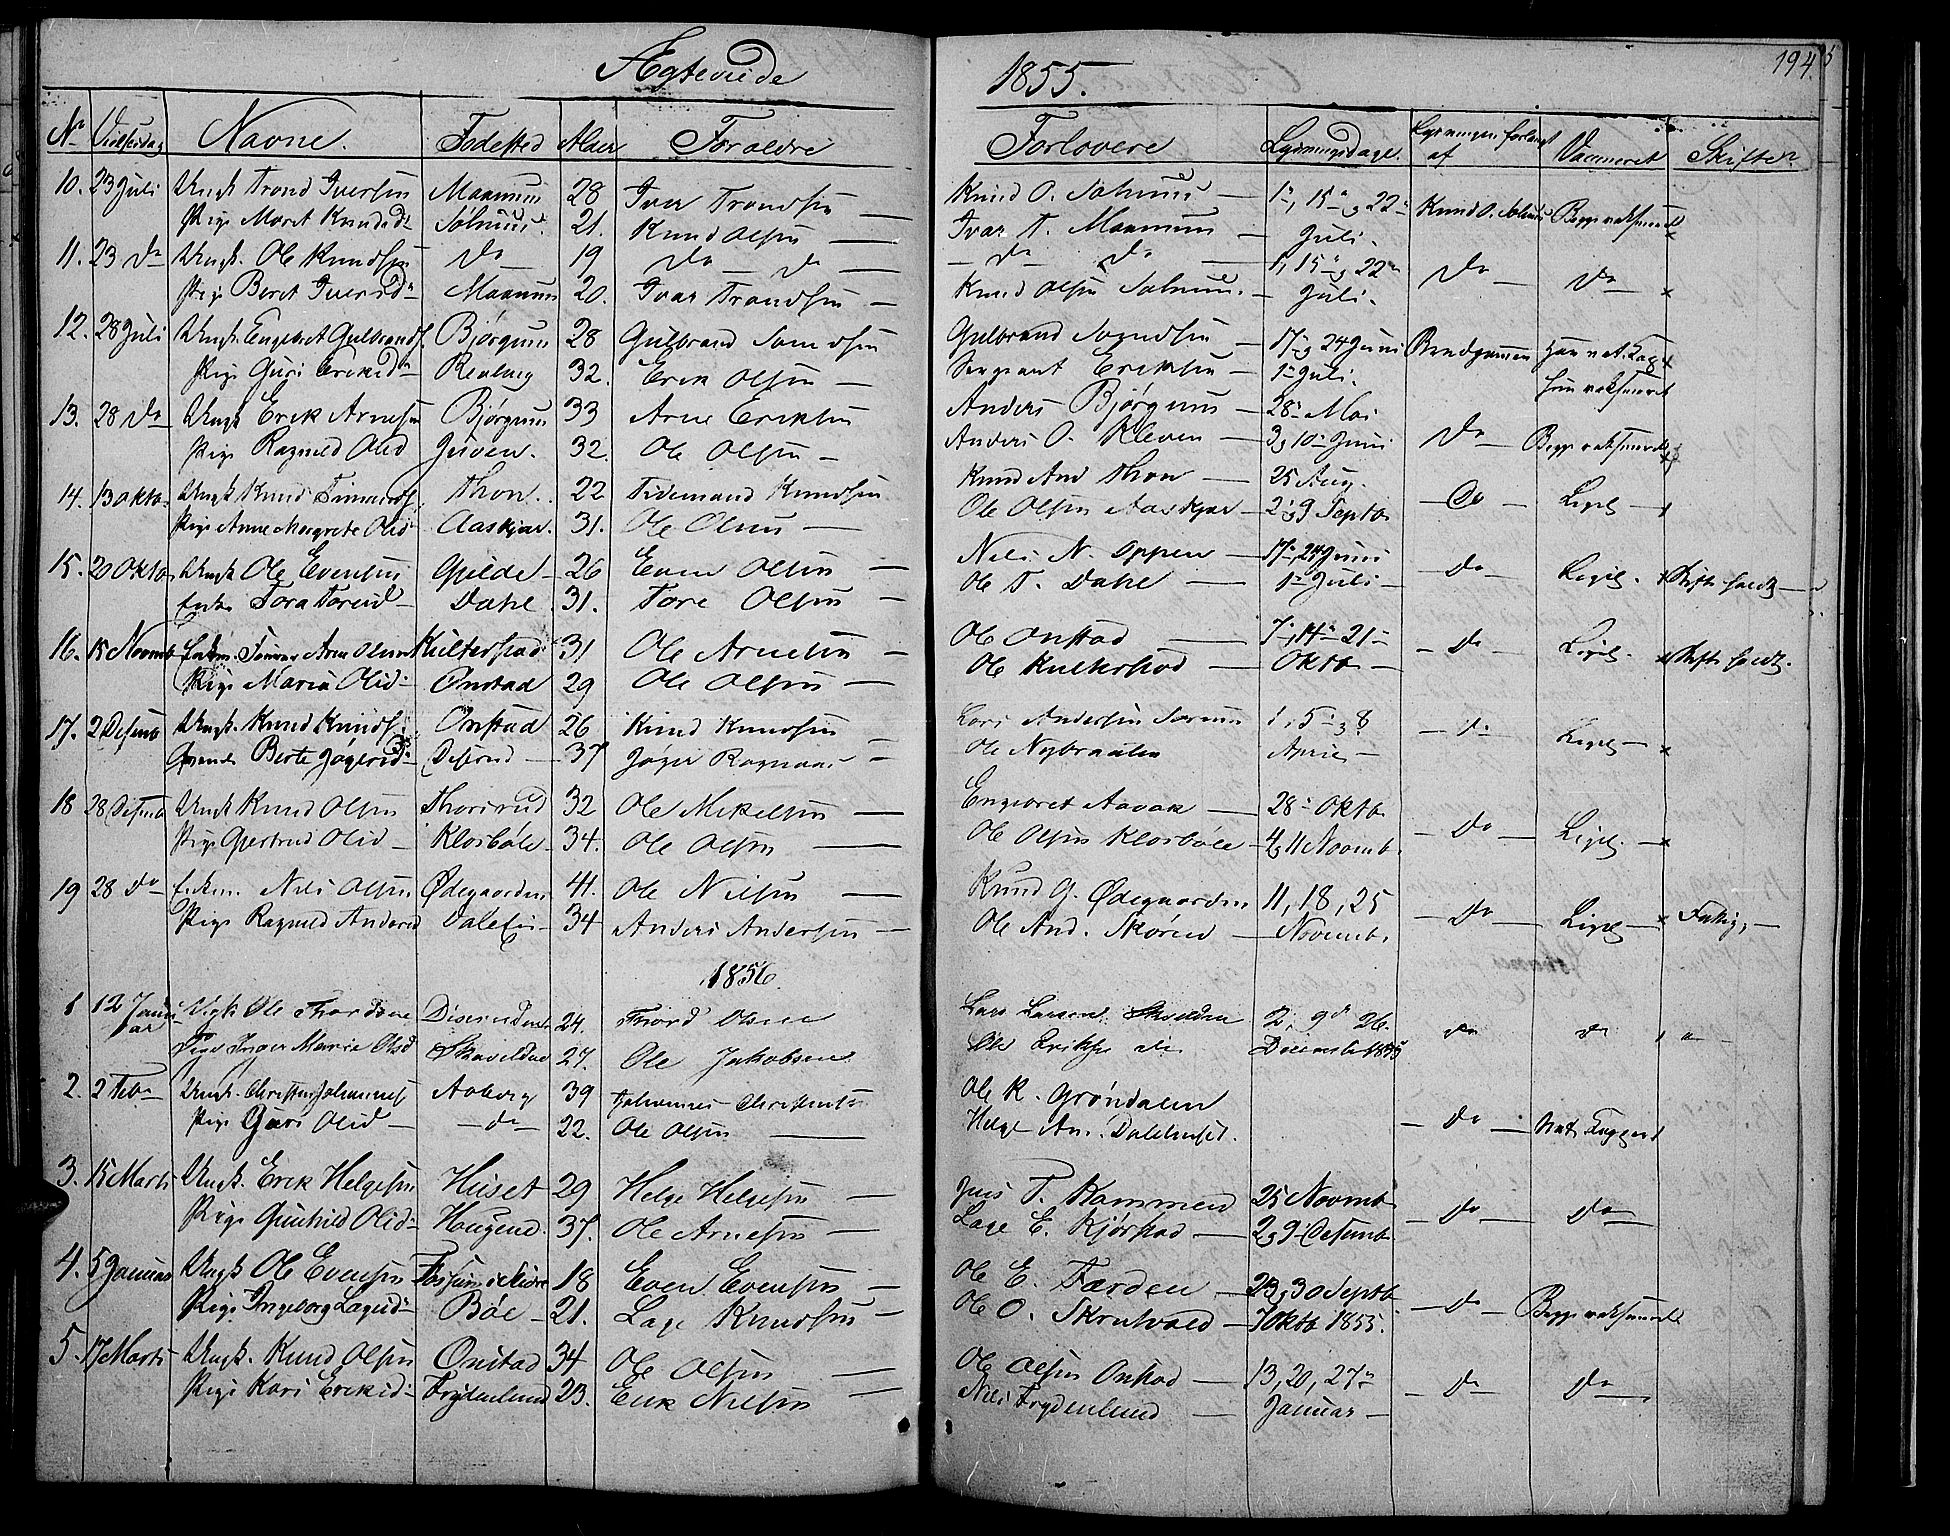 SAH, Nord-Aurdal prestekontor, Klokkerbok nr. 2, 1842-1877, s. 194